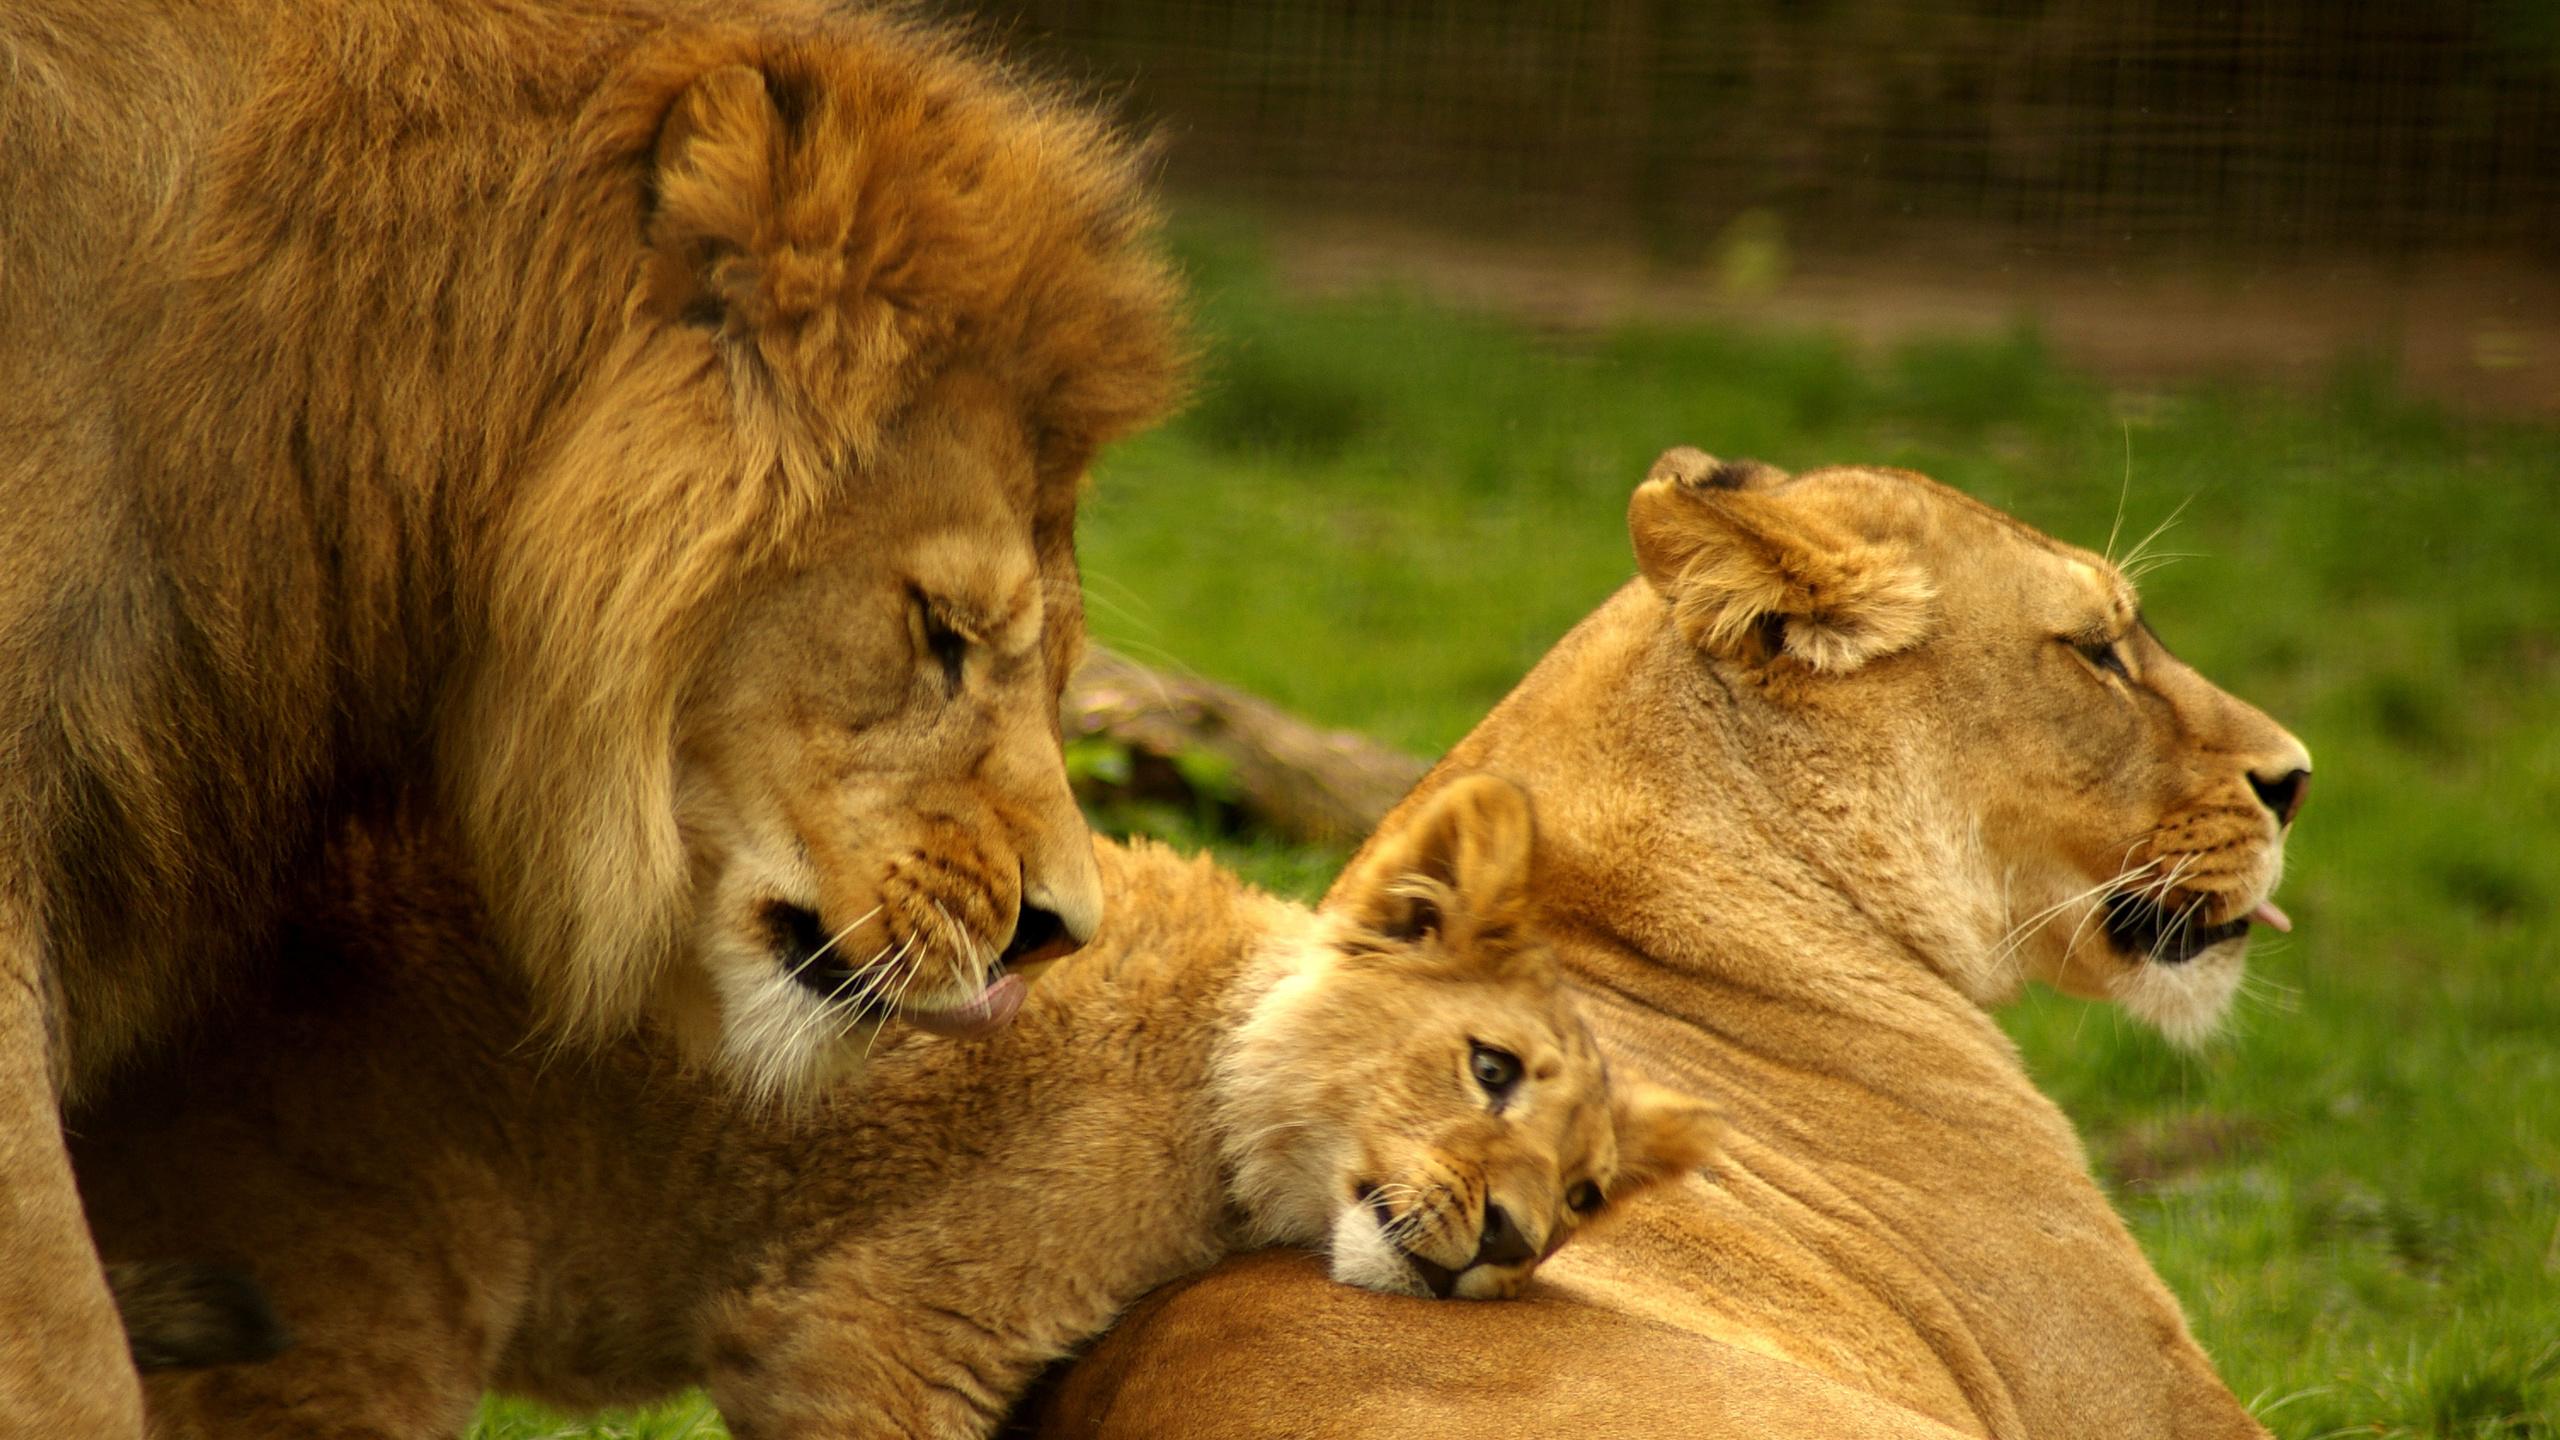 Монинг картинки, львы на фото и открытках